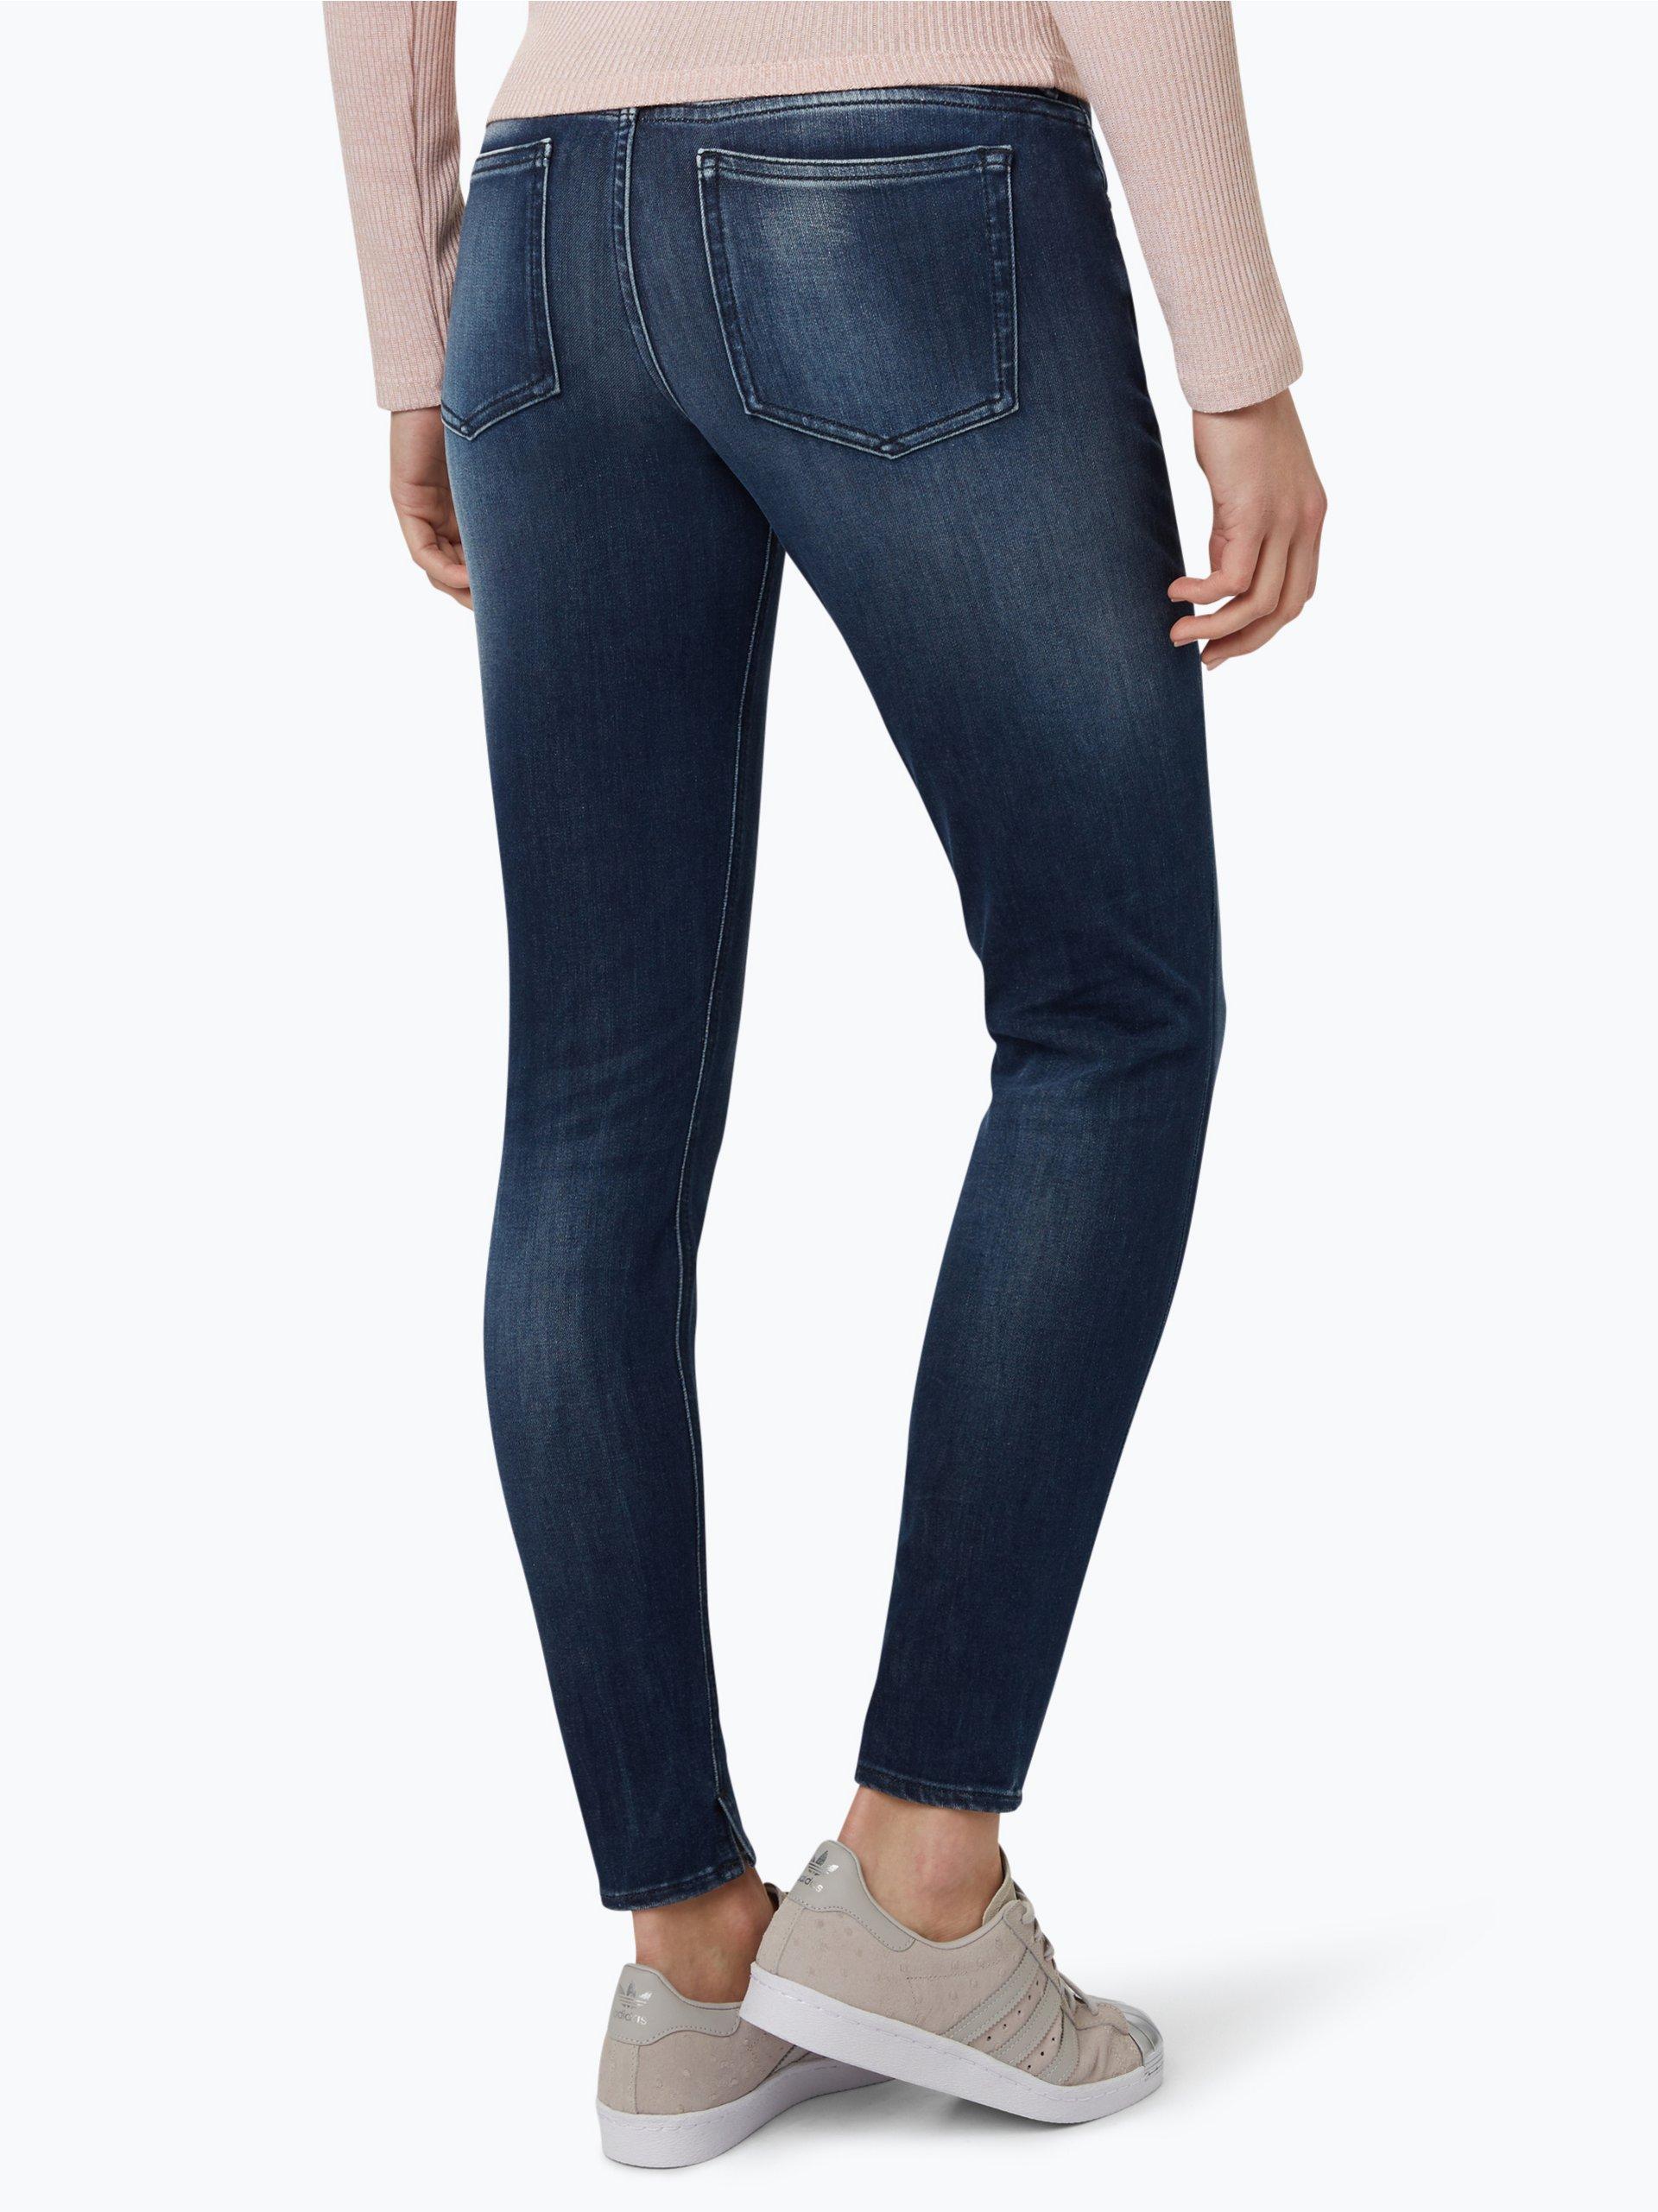 drykorn damen jeans movie marine uni online kaufen. Black Bedroom Furniture Sets. Home Design Ideas